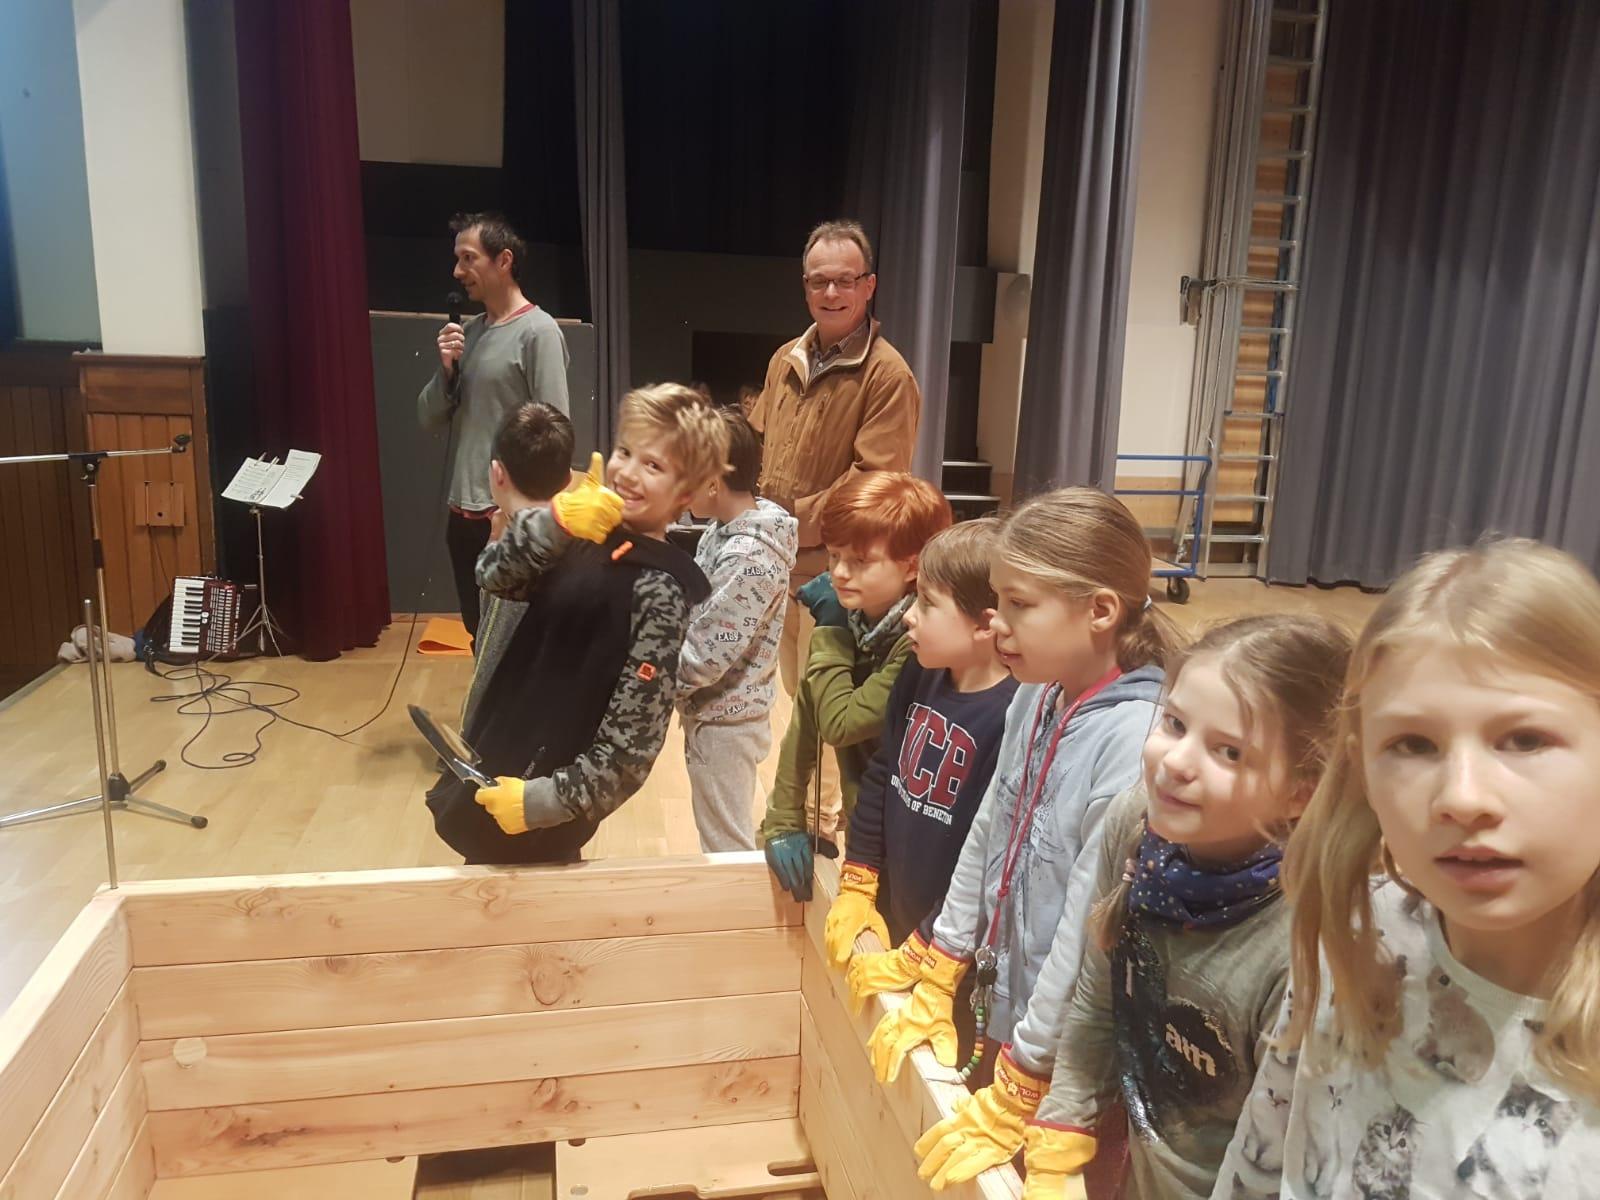 Übergabe des PflanzenWelten-Hochbeetes an die Schönberg Grundschule in Freiburg (Foto: Schule)